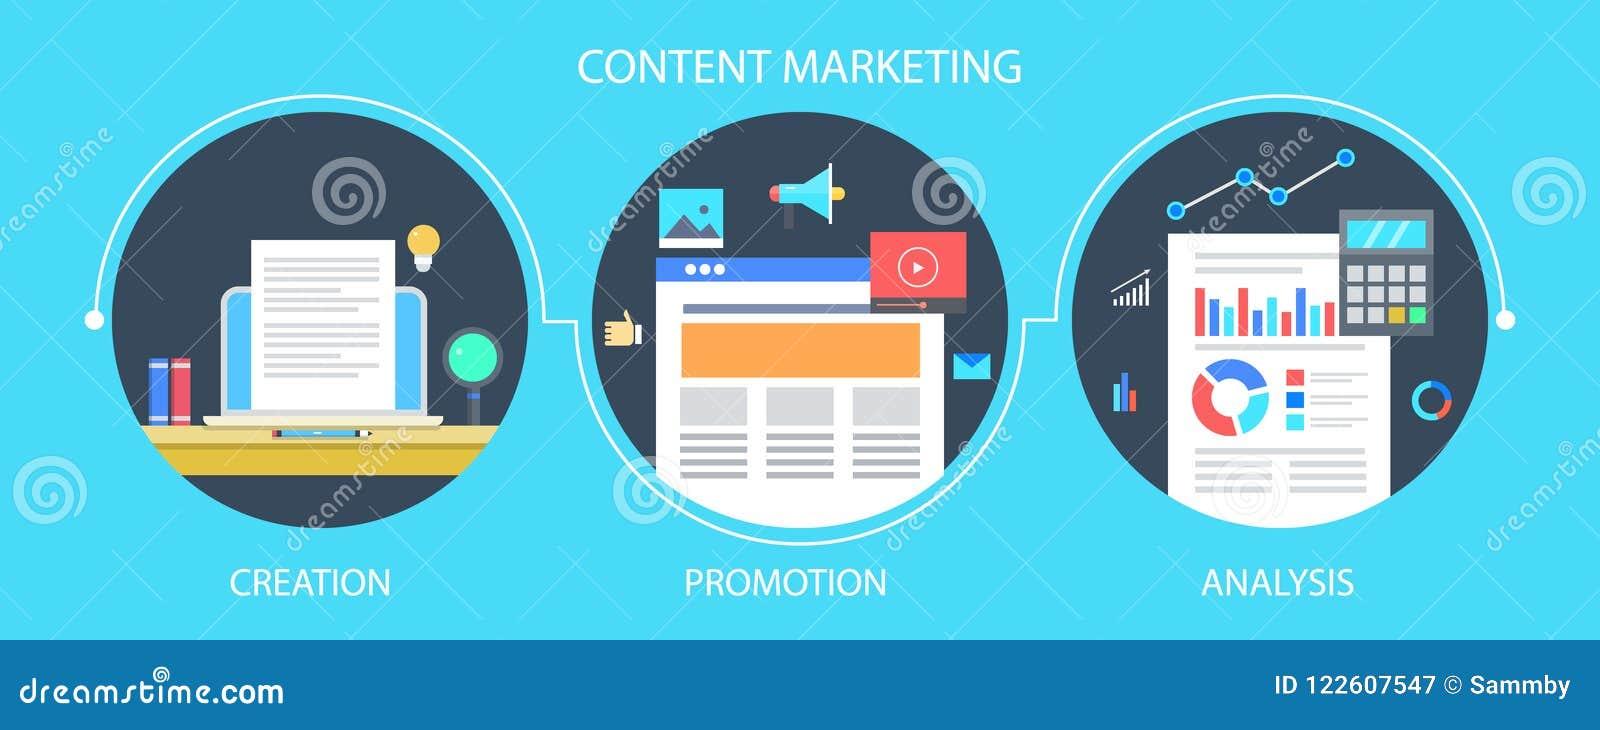 美满的市场过程-美满的文字、营销和促进、逻辑分析方法和措施概念 平的设计传染媒介横幅